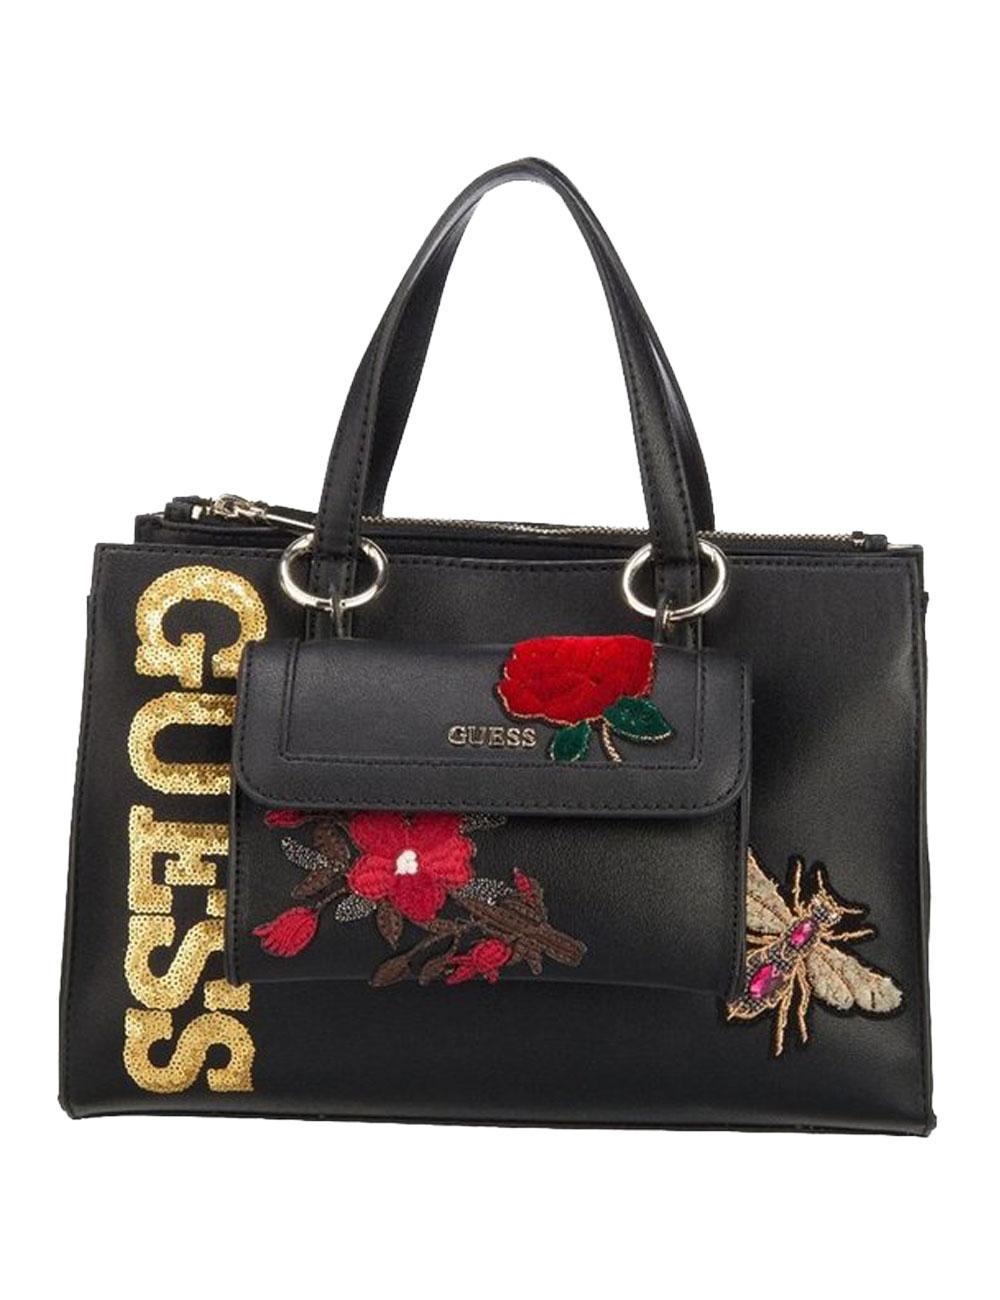 Handtasche «Sienna 2 in 1 Society Satchel» Guess f874c13f20